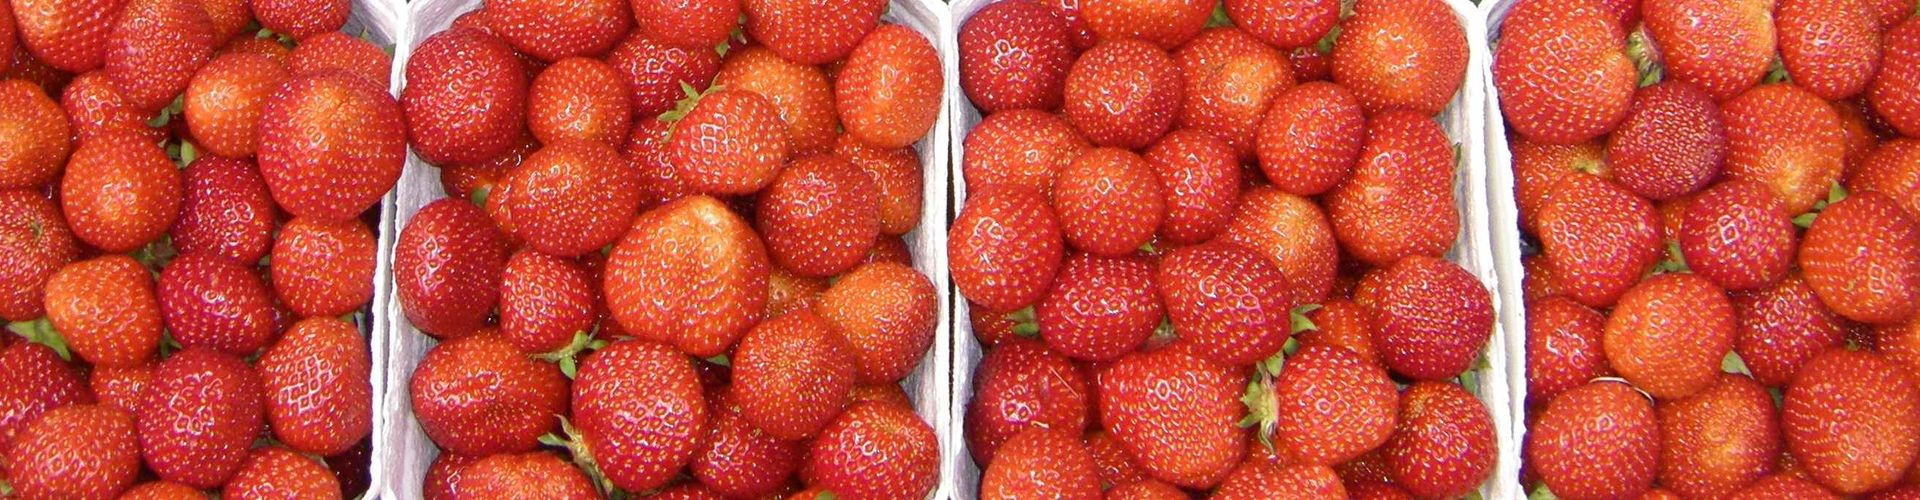 Erdbeersorte Honeoye